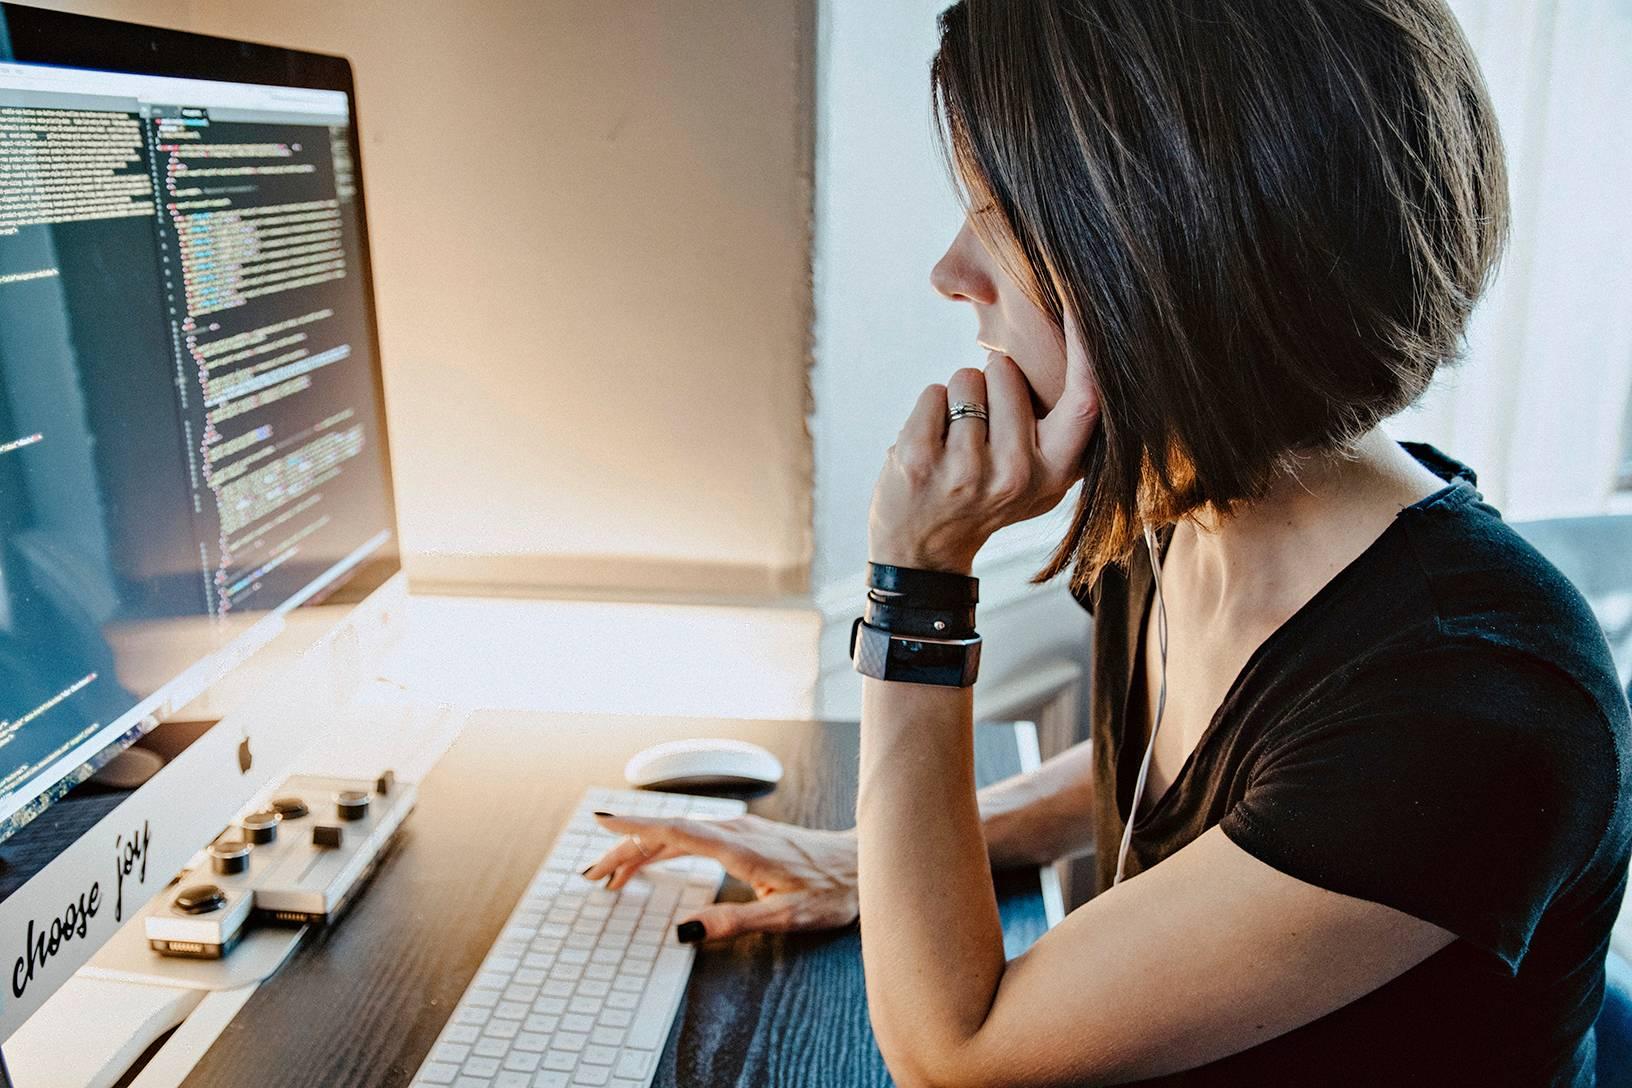 Päättelykyky ja muisti antavat pohjan ohjelmoinnin oppimiseen.